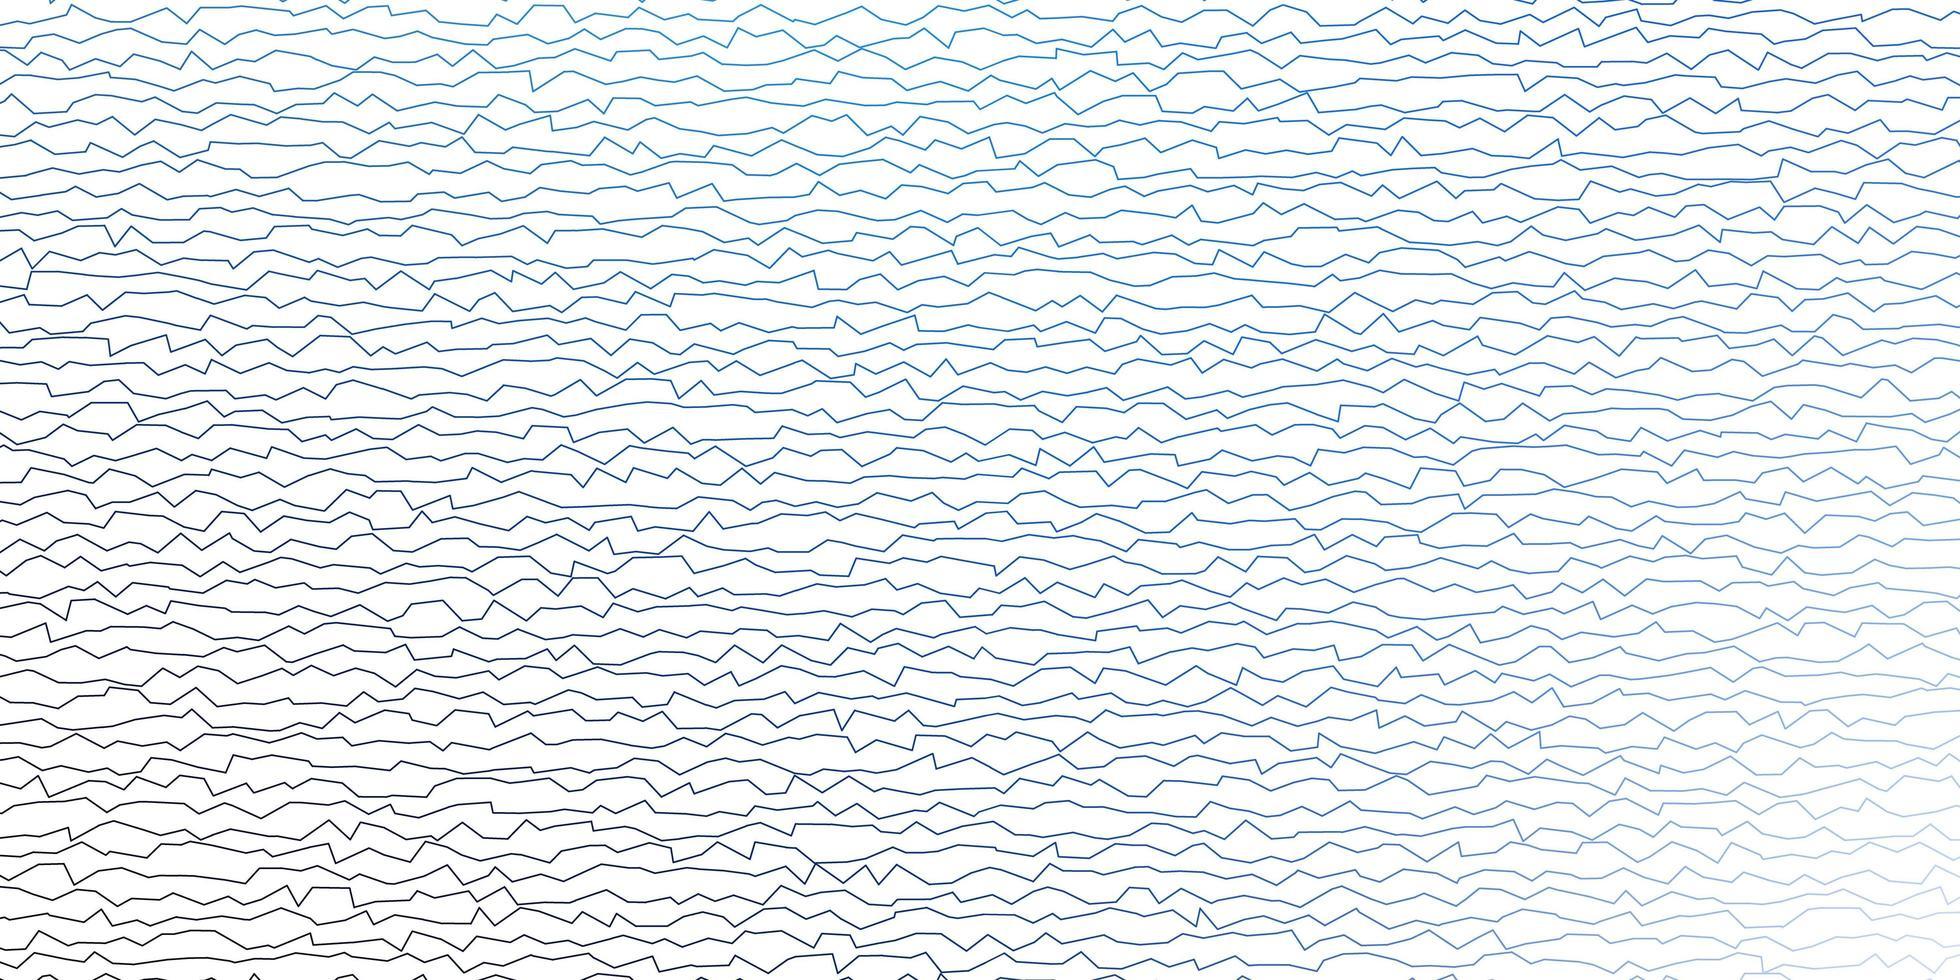 donkerblauwe vectorlay-out met wrange lijnen. vector